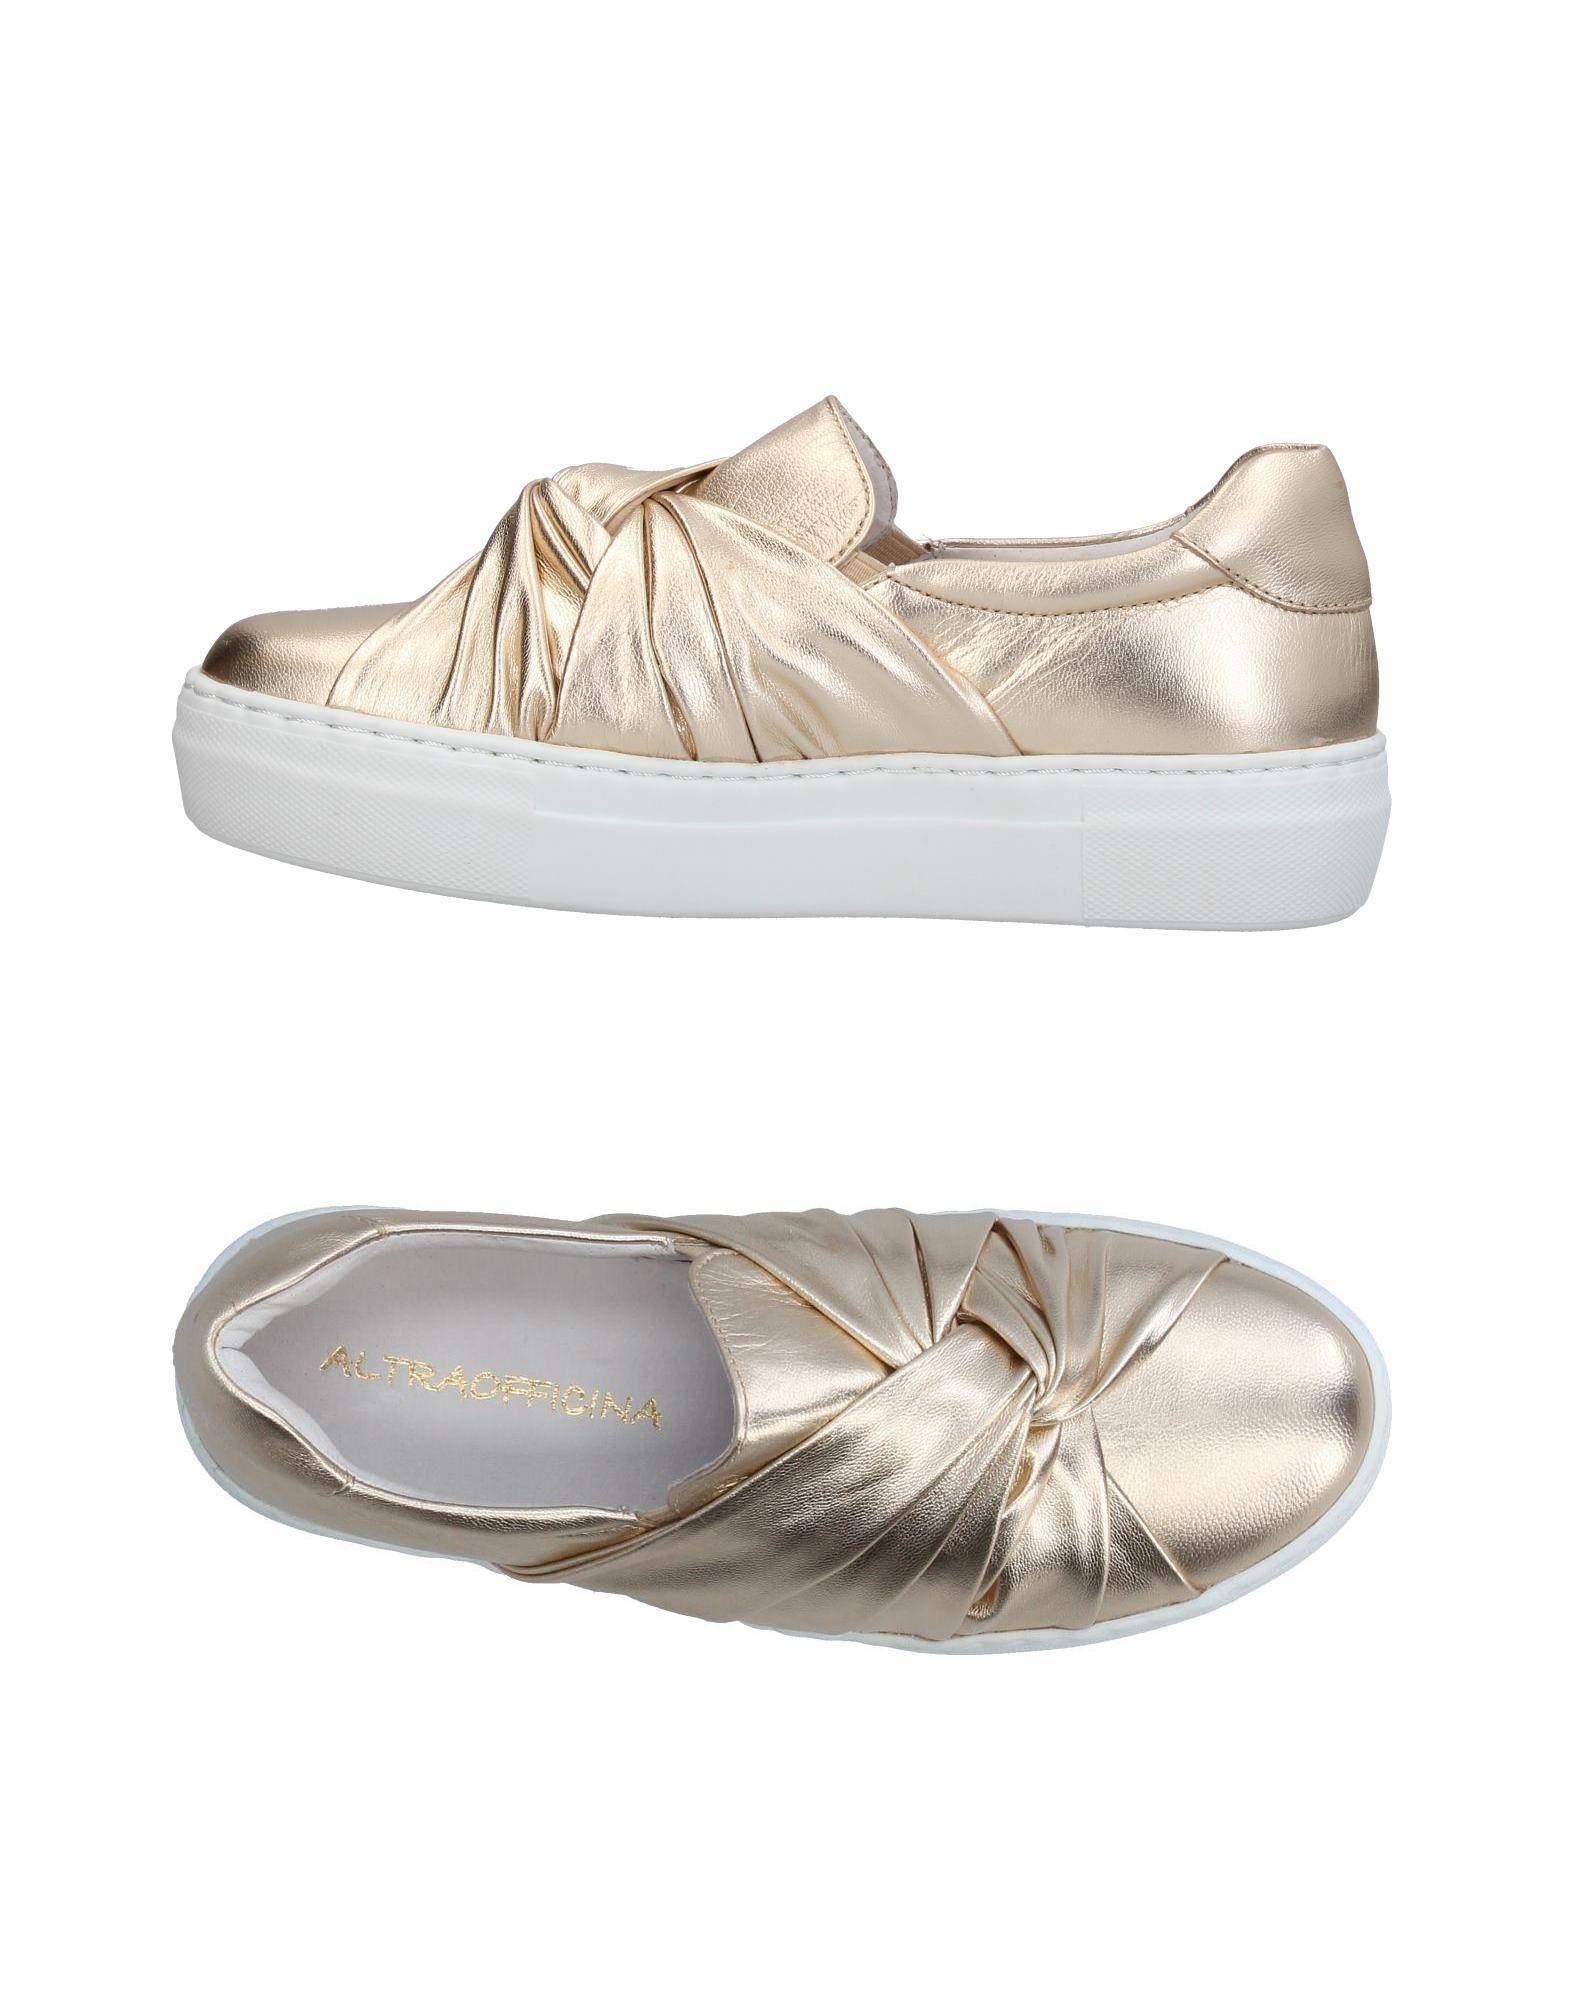 Altraofficina Sneakers Damen  11369658KN Gute Qualität beliebte Schuhe